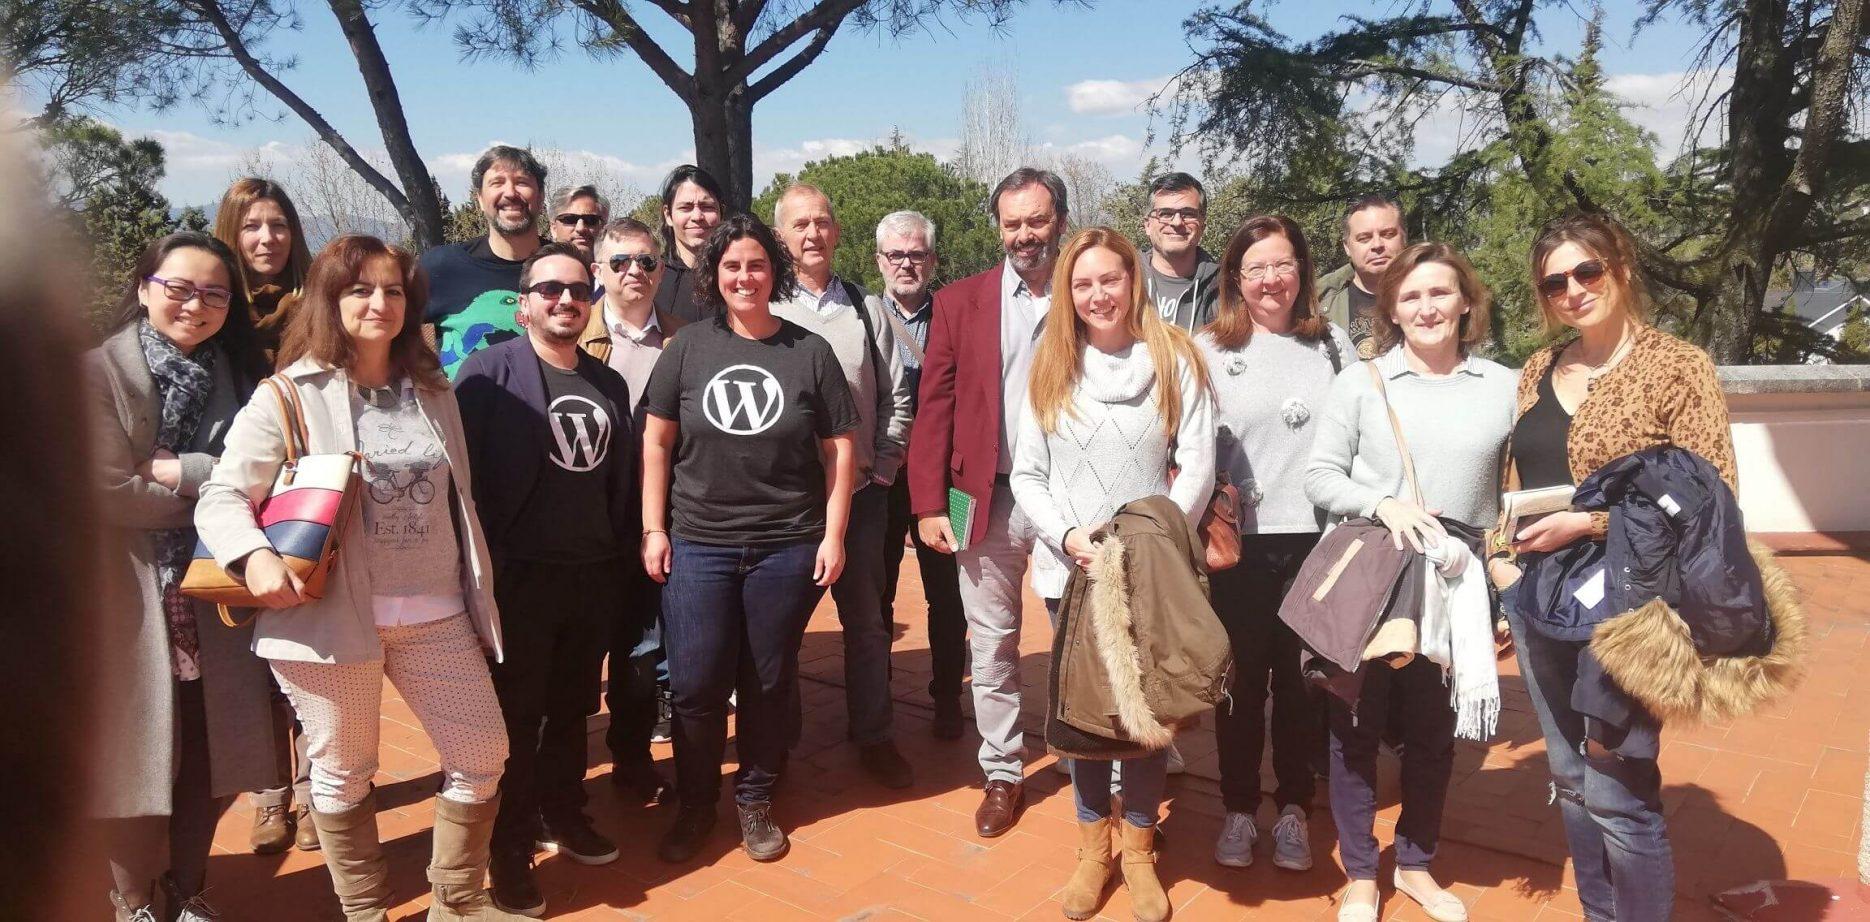 Foto de grupo de WordPress Torrelodones